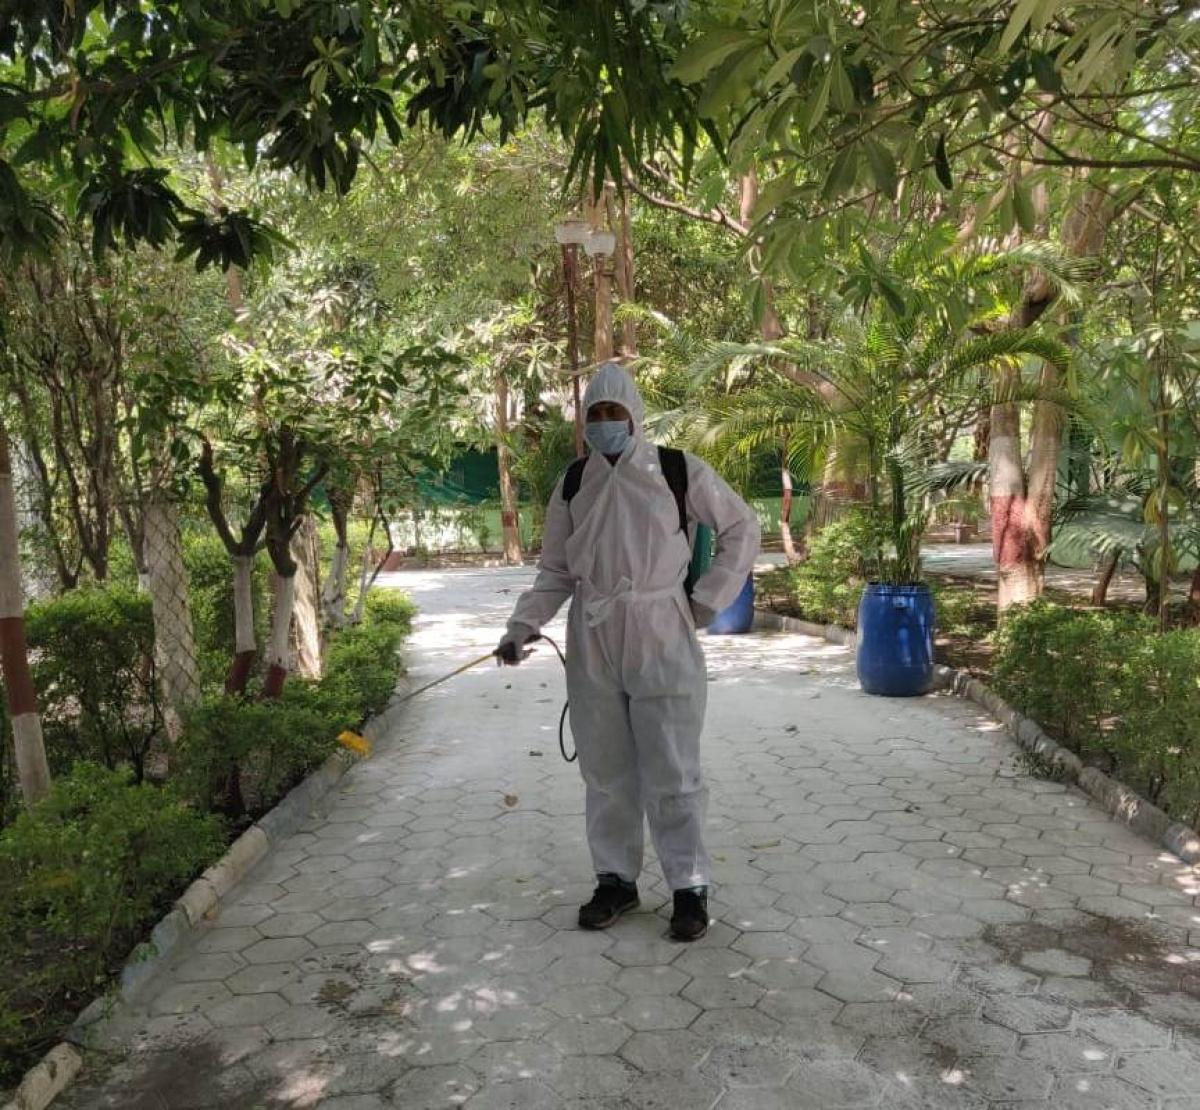 Zoo premises being sanitised